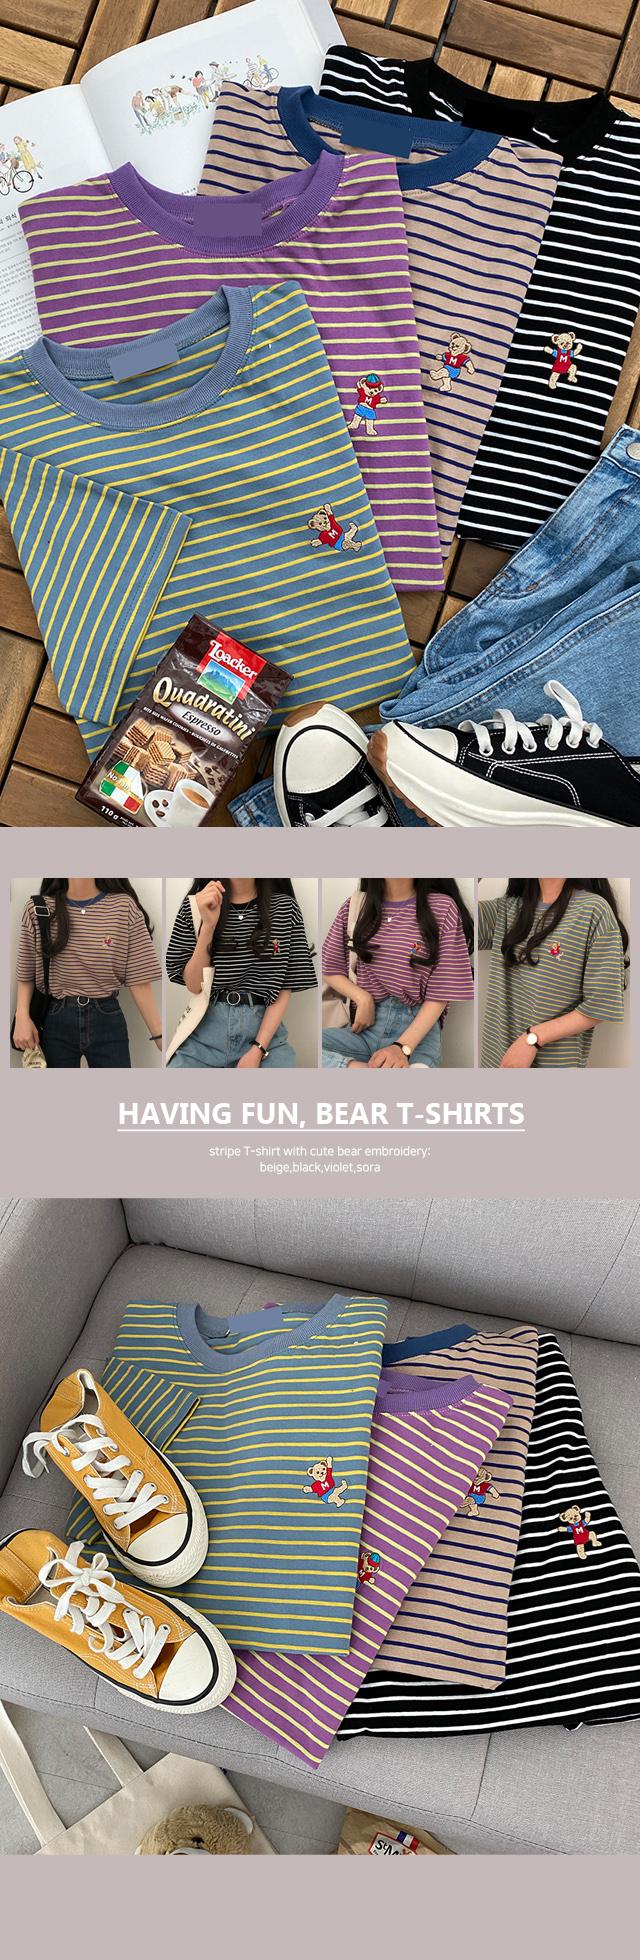 ご機嫌クマ刺繍ストライプオ・バフェットTシャツ